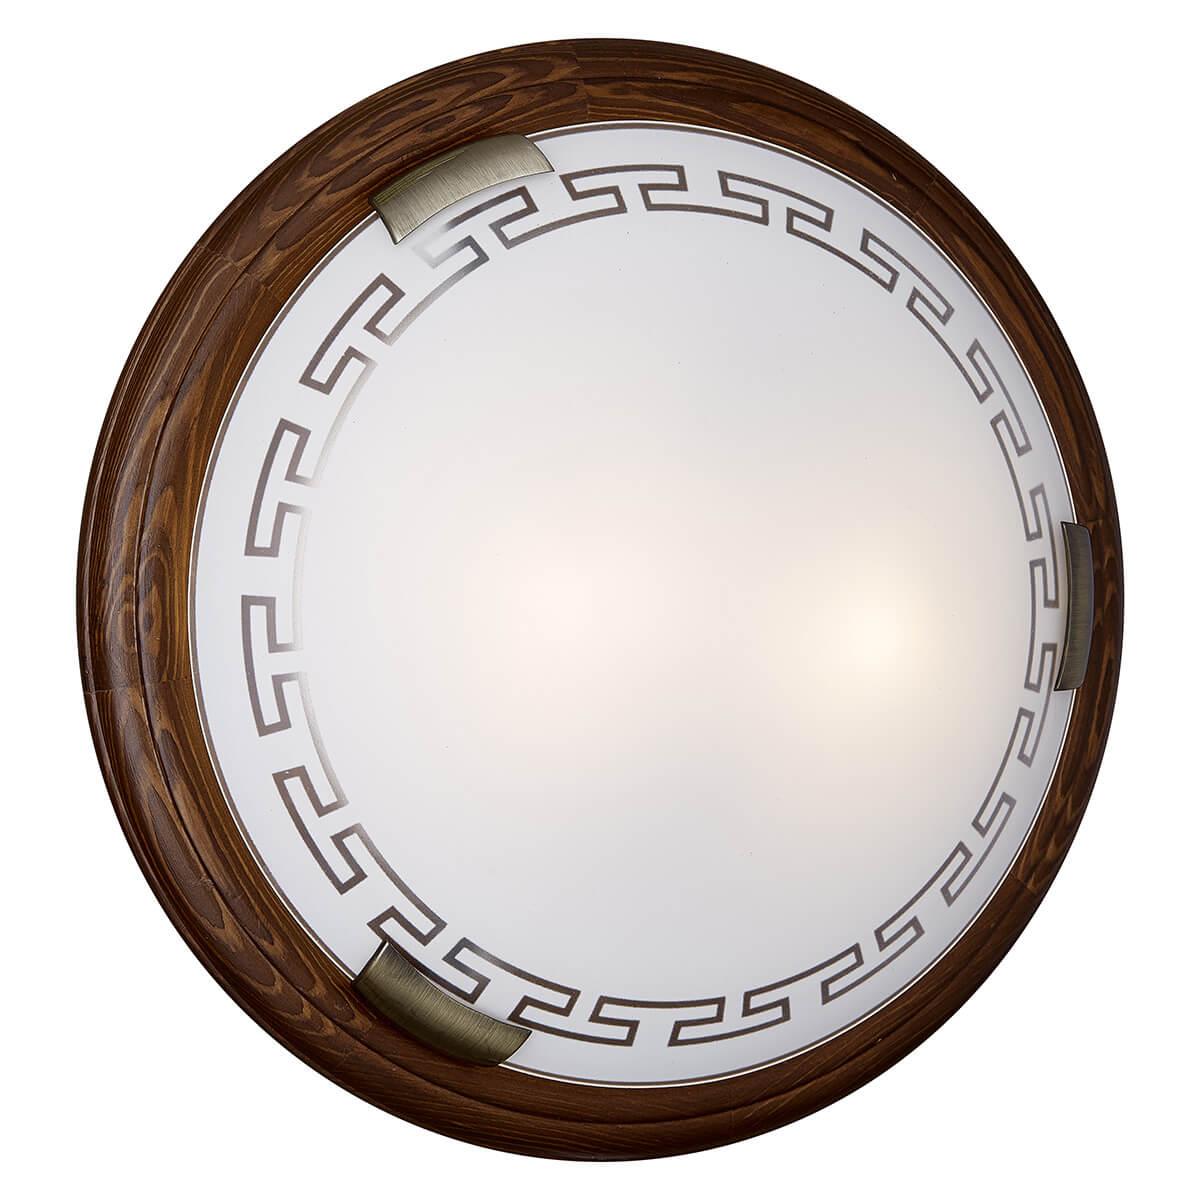 Светильник Sonex 160/K потолочный светильник sonex накладной потолочный 1219 a